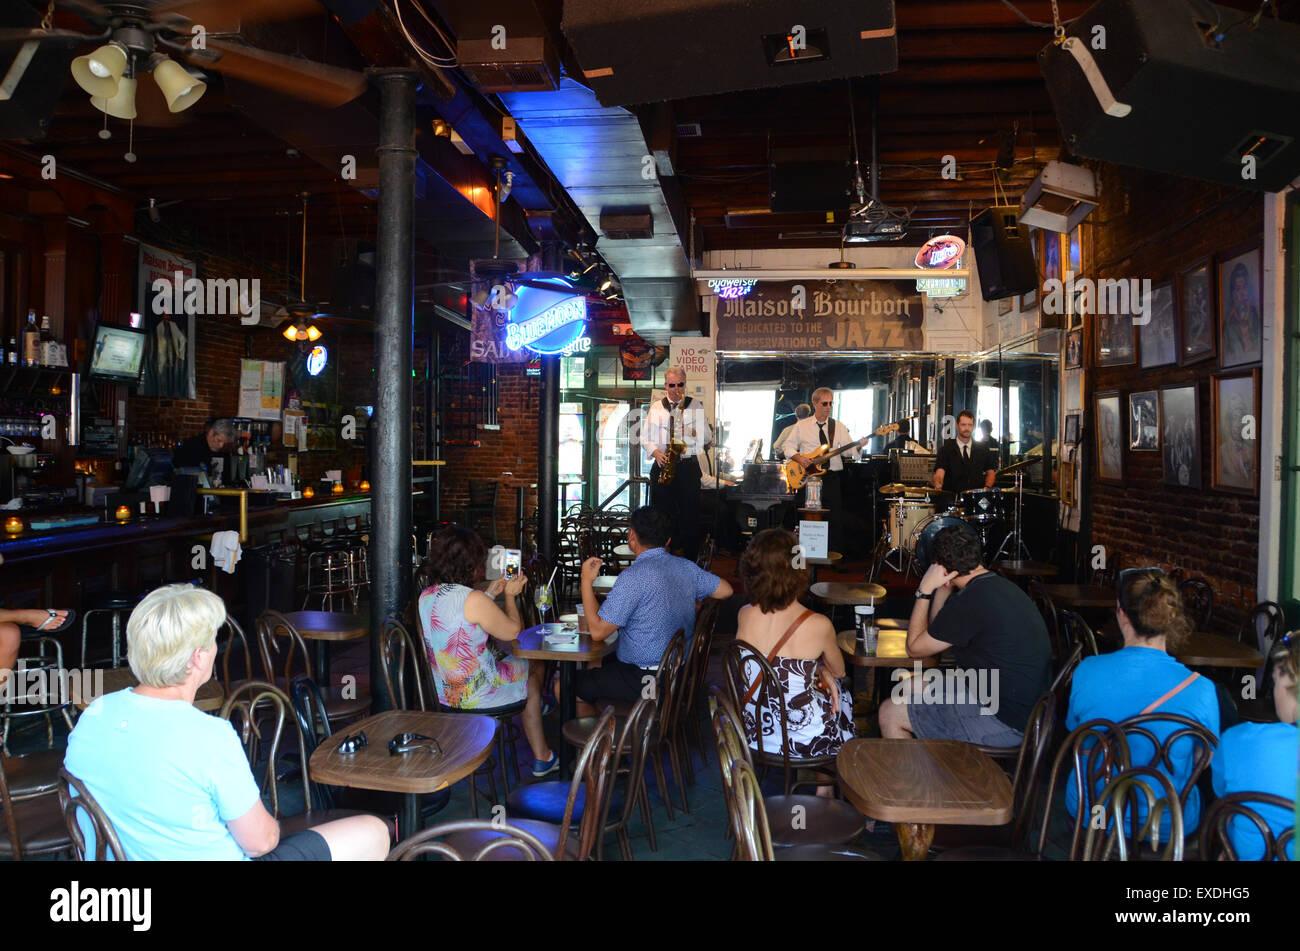 Maison boubon jazz club bourbon st new orleans